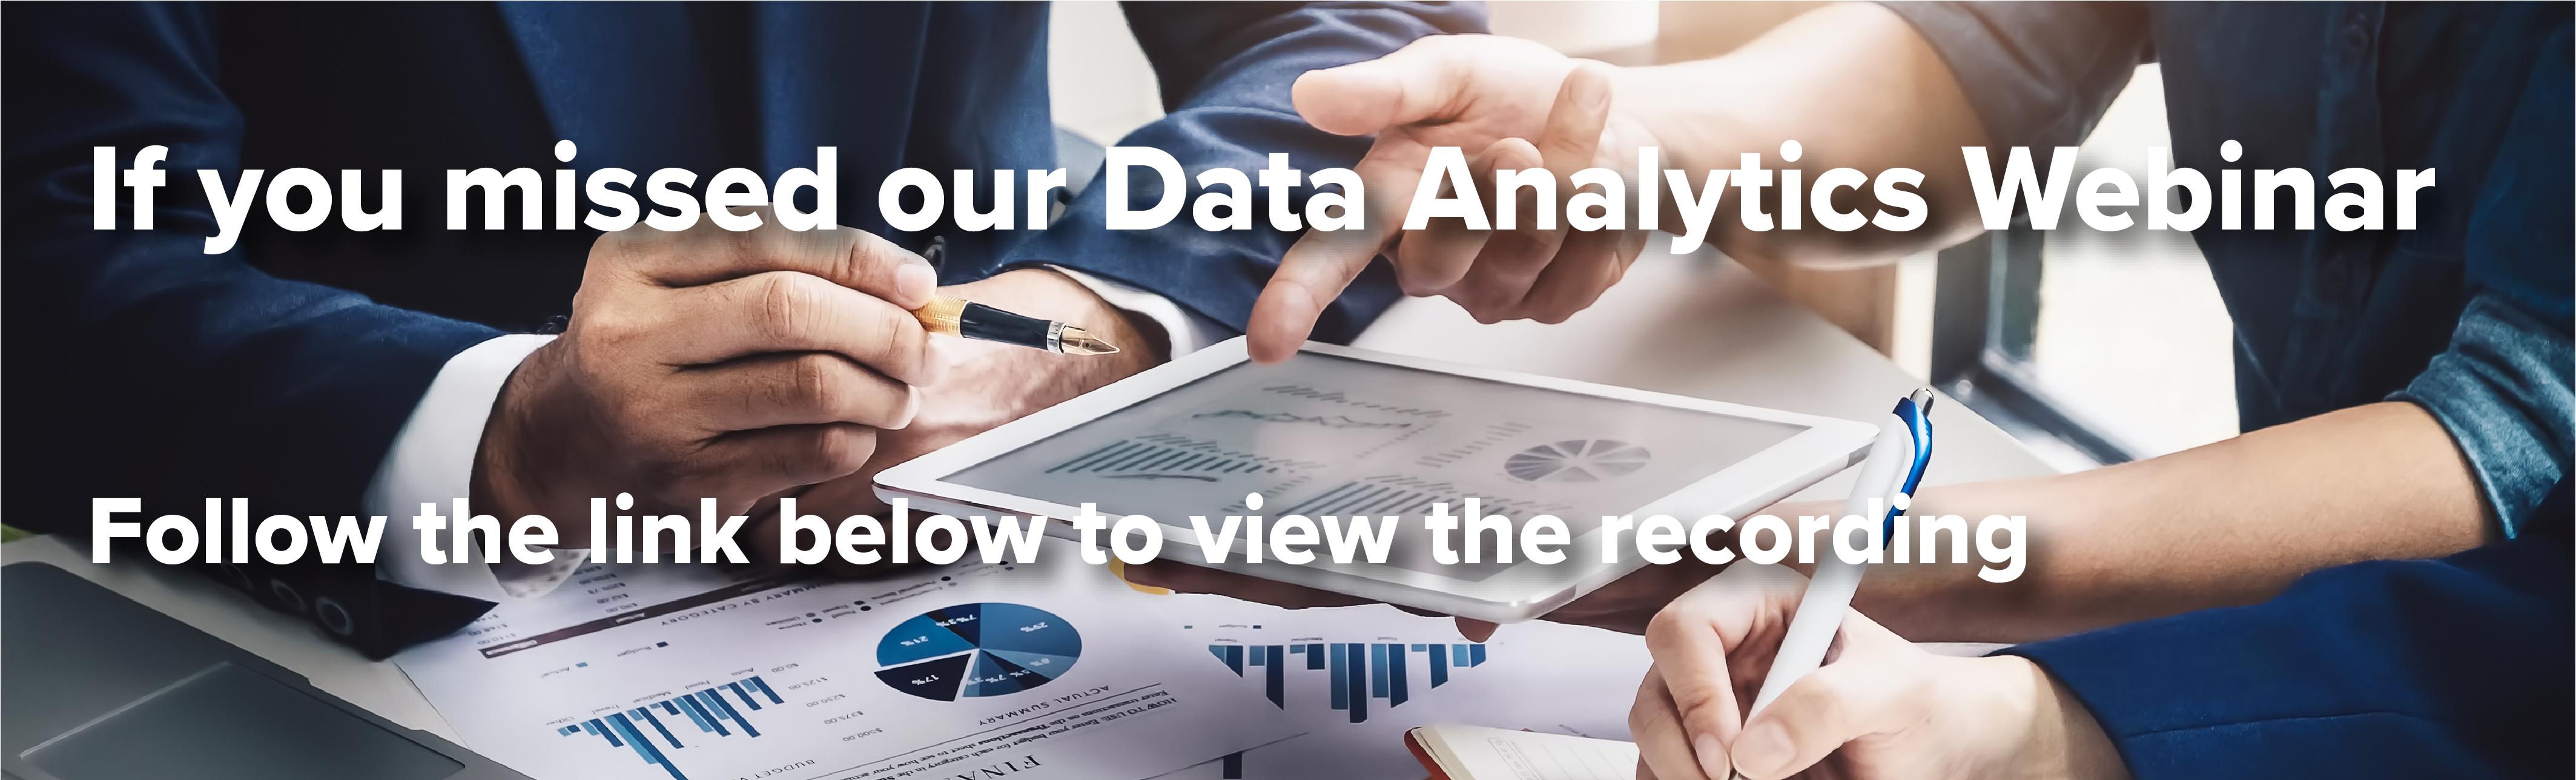 Data_Visualization-2